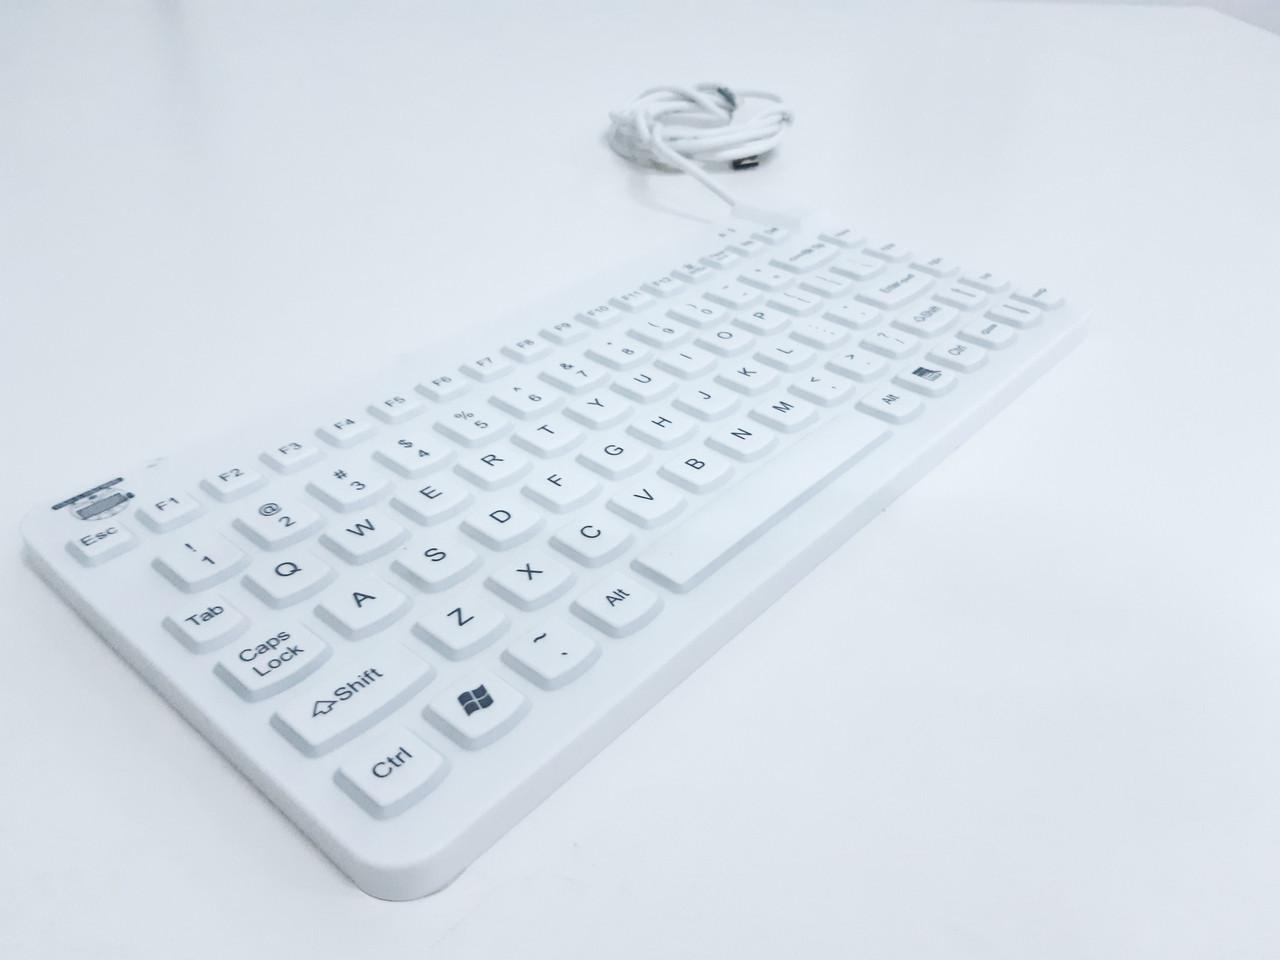 Медицинская клавиатура